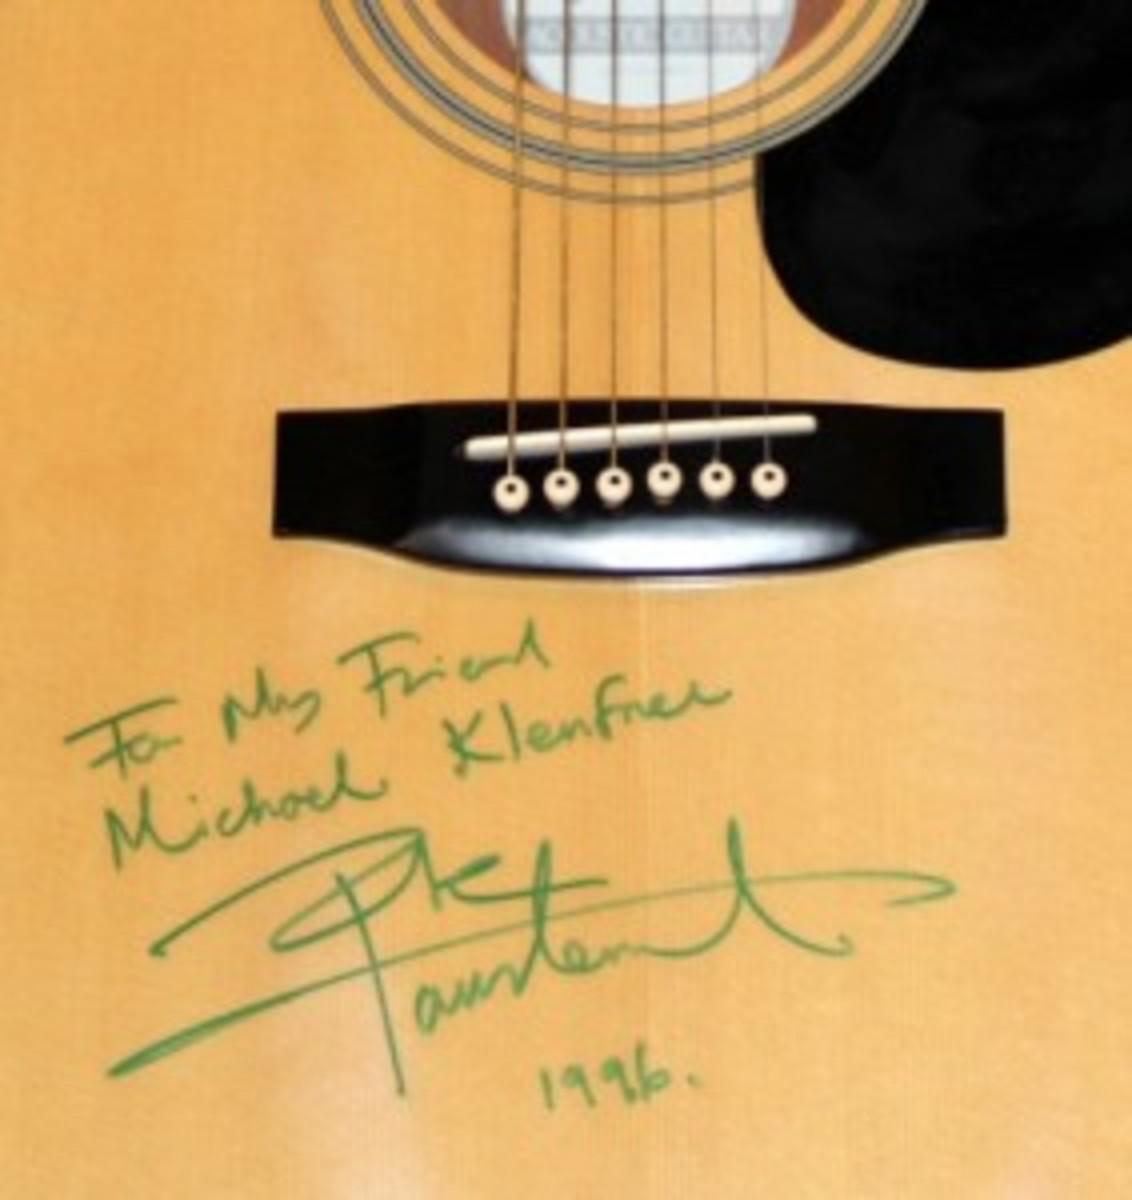 Pete Townshend autographed guitar